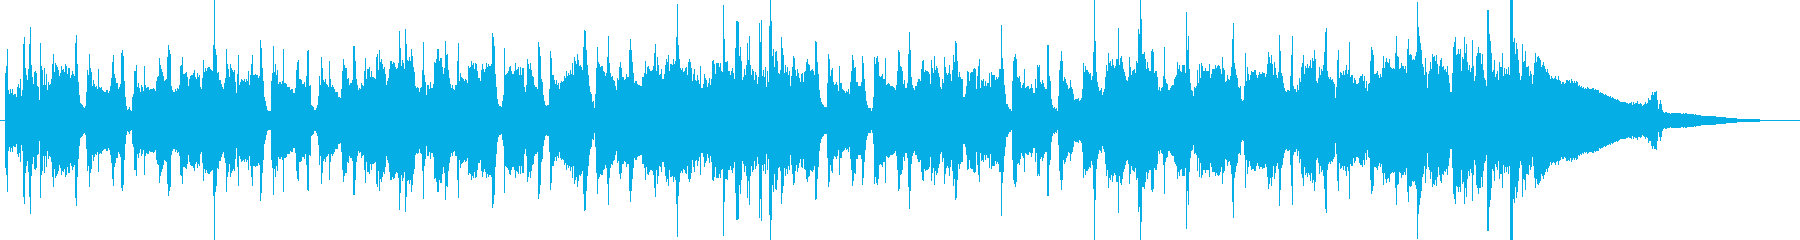 夏をイメージしたアコースティックナンバーの再生済みの波形